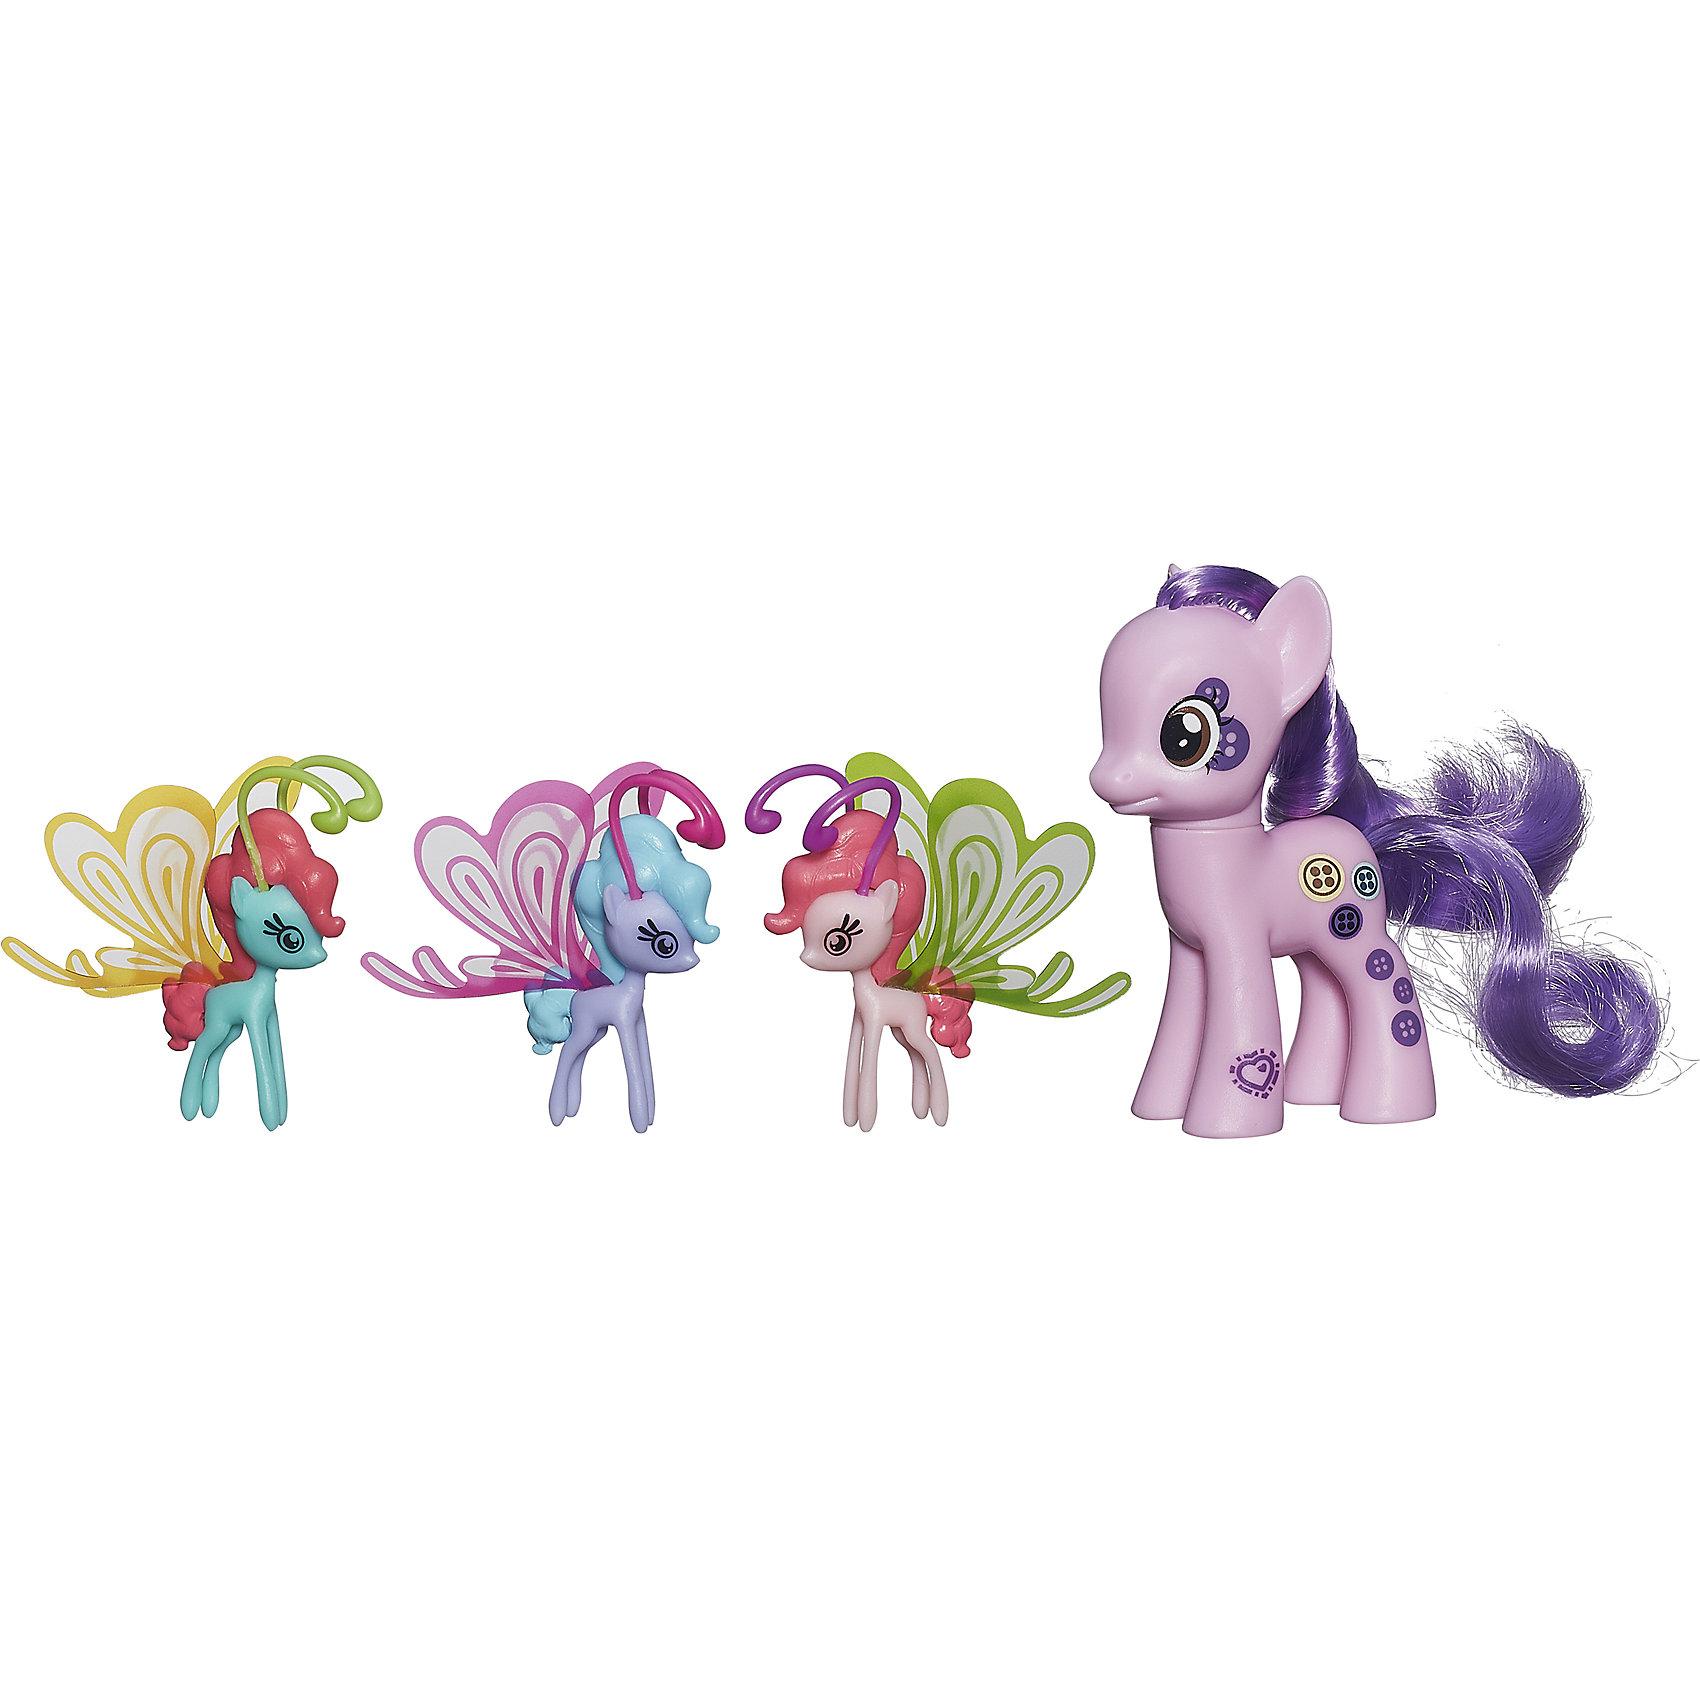 Hasbro Пони Делюкс с волшебными крыльями, My little Pony,  B3015/B0358 mymilly с 2 фасадами 90 см пони